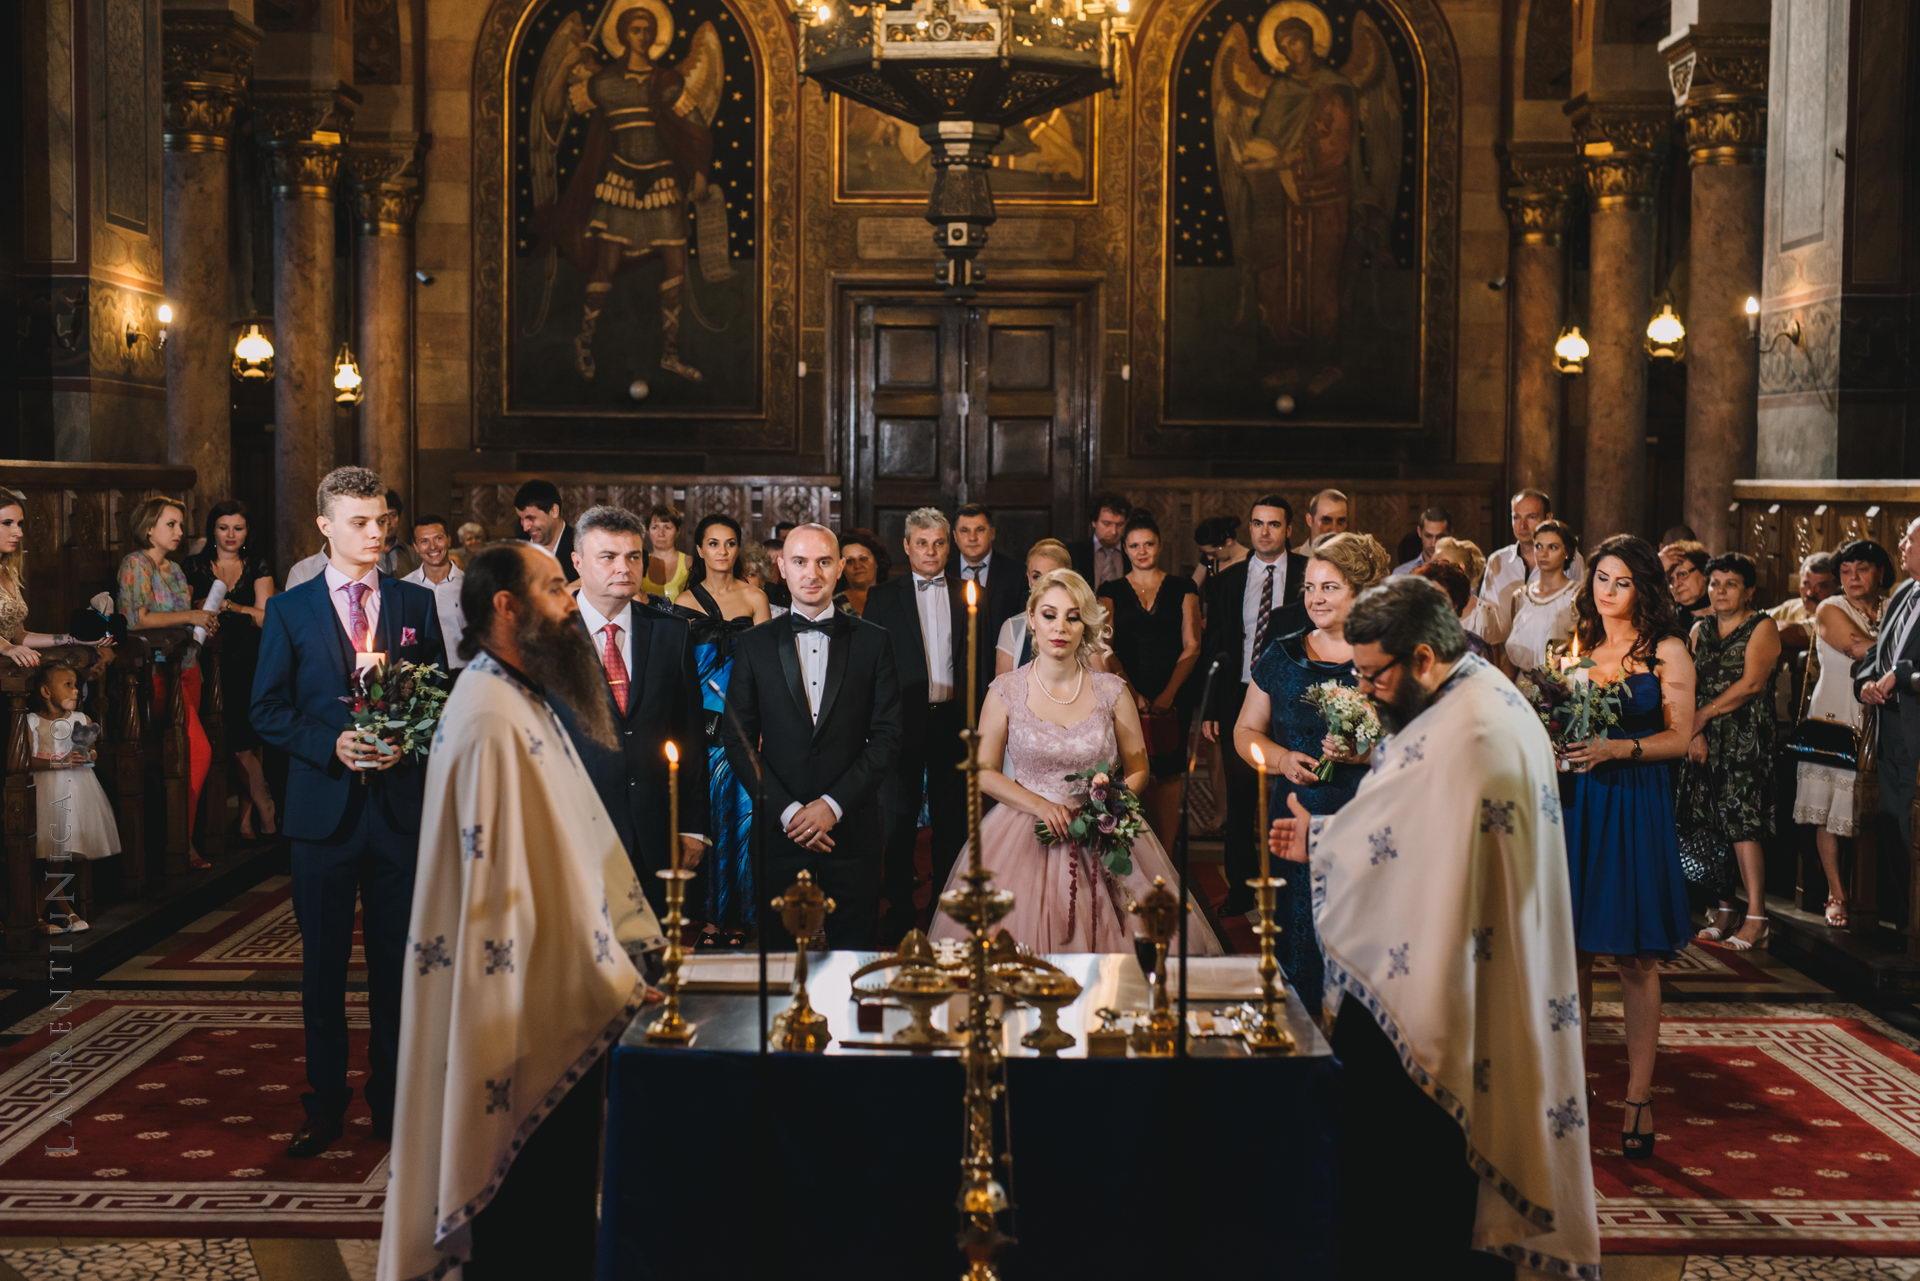 lavinia si adi fotograf laurentiu nica craiova 043 - Lavinia & Adi | Fotografii nunta